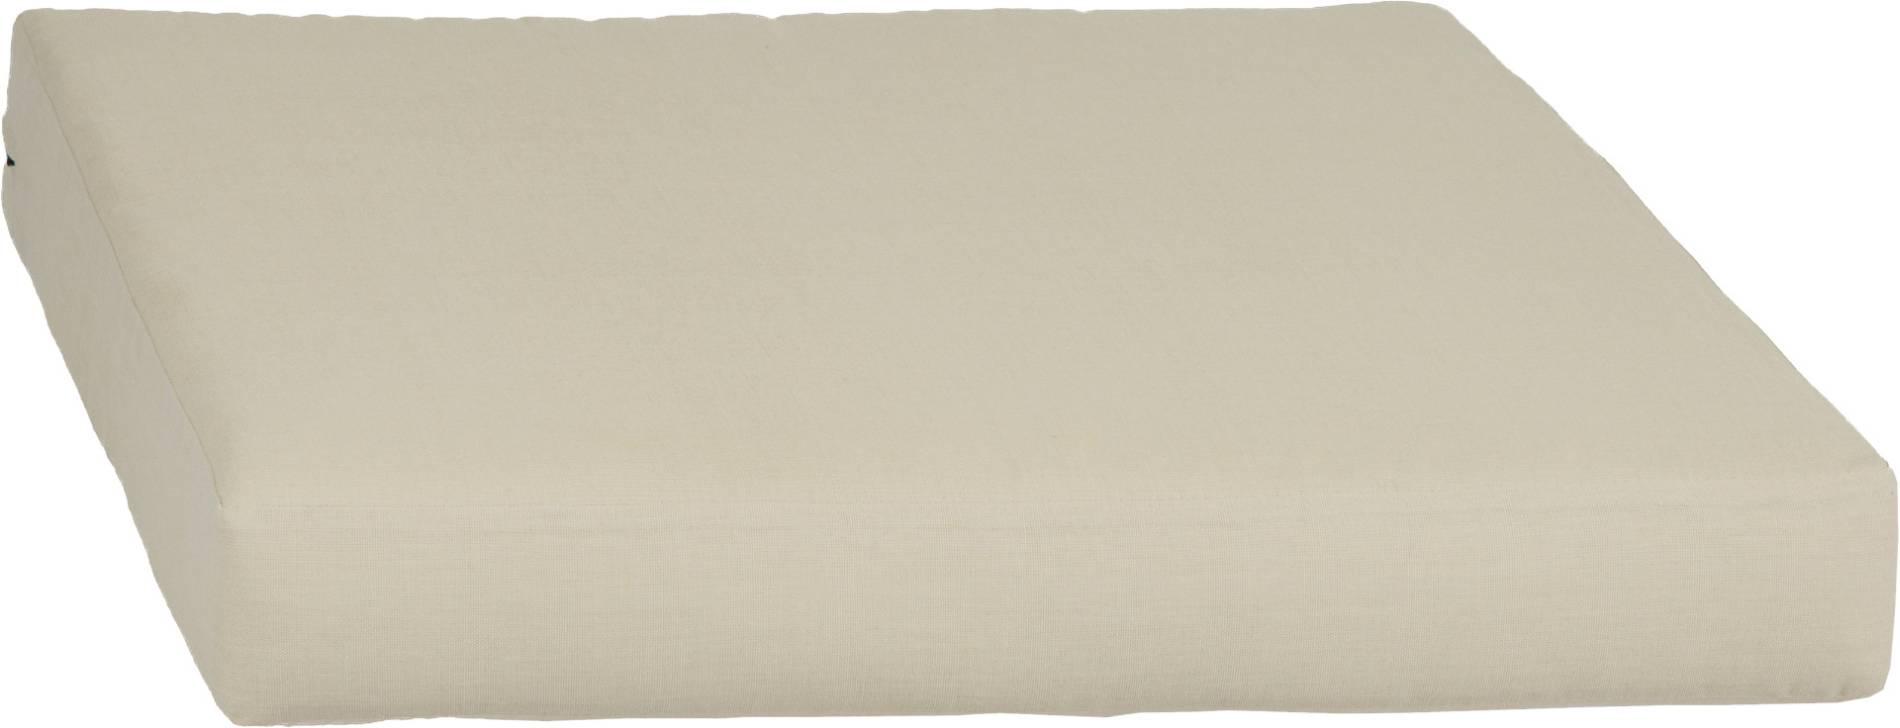 acamp Weekend Sitzkissen für Basiselement natur 70 x 70 x 8 cm